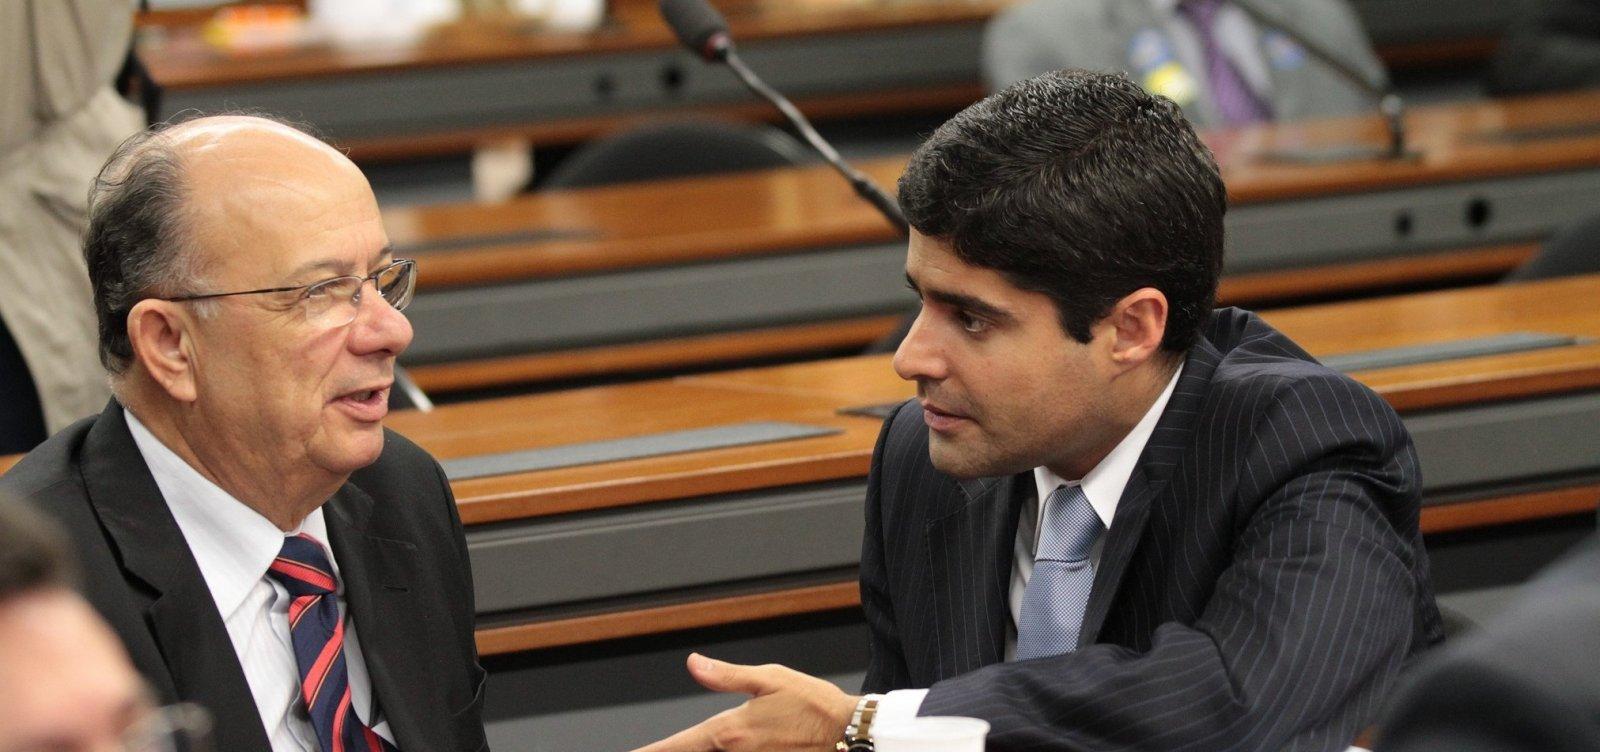 [Após 'enquete', ACM Neto enquadra Zé Ronaldo sobre apoio a Alckmin]